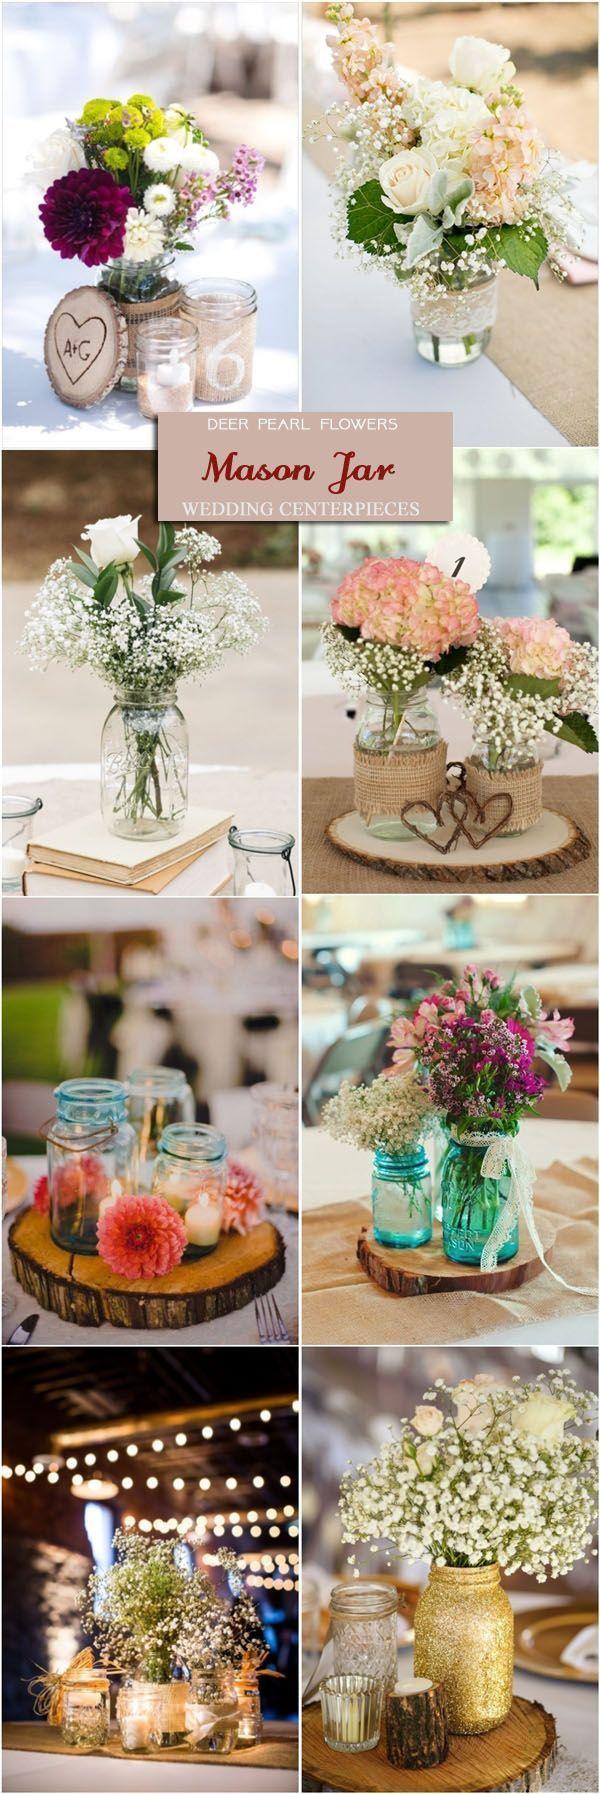 Rustikale Einmachglas Hochzeit Mittelstücke / www.deerpearlflow ...  #deerpearlflow #einmachglas #hochzeit #mittelstucke